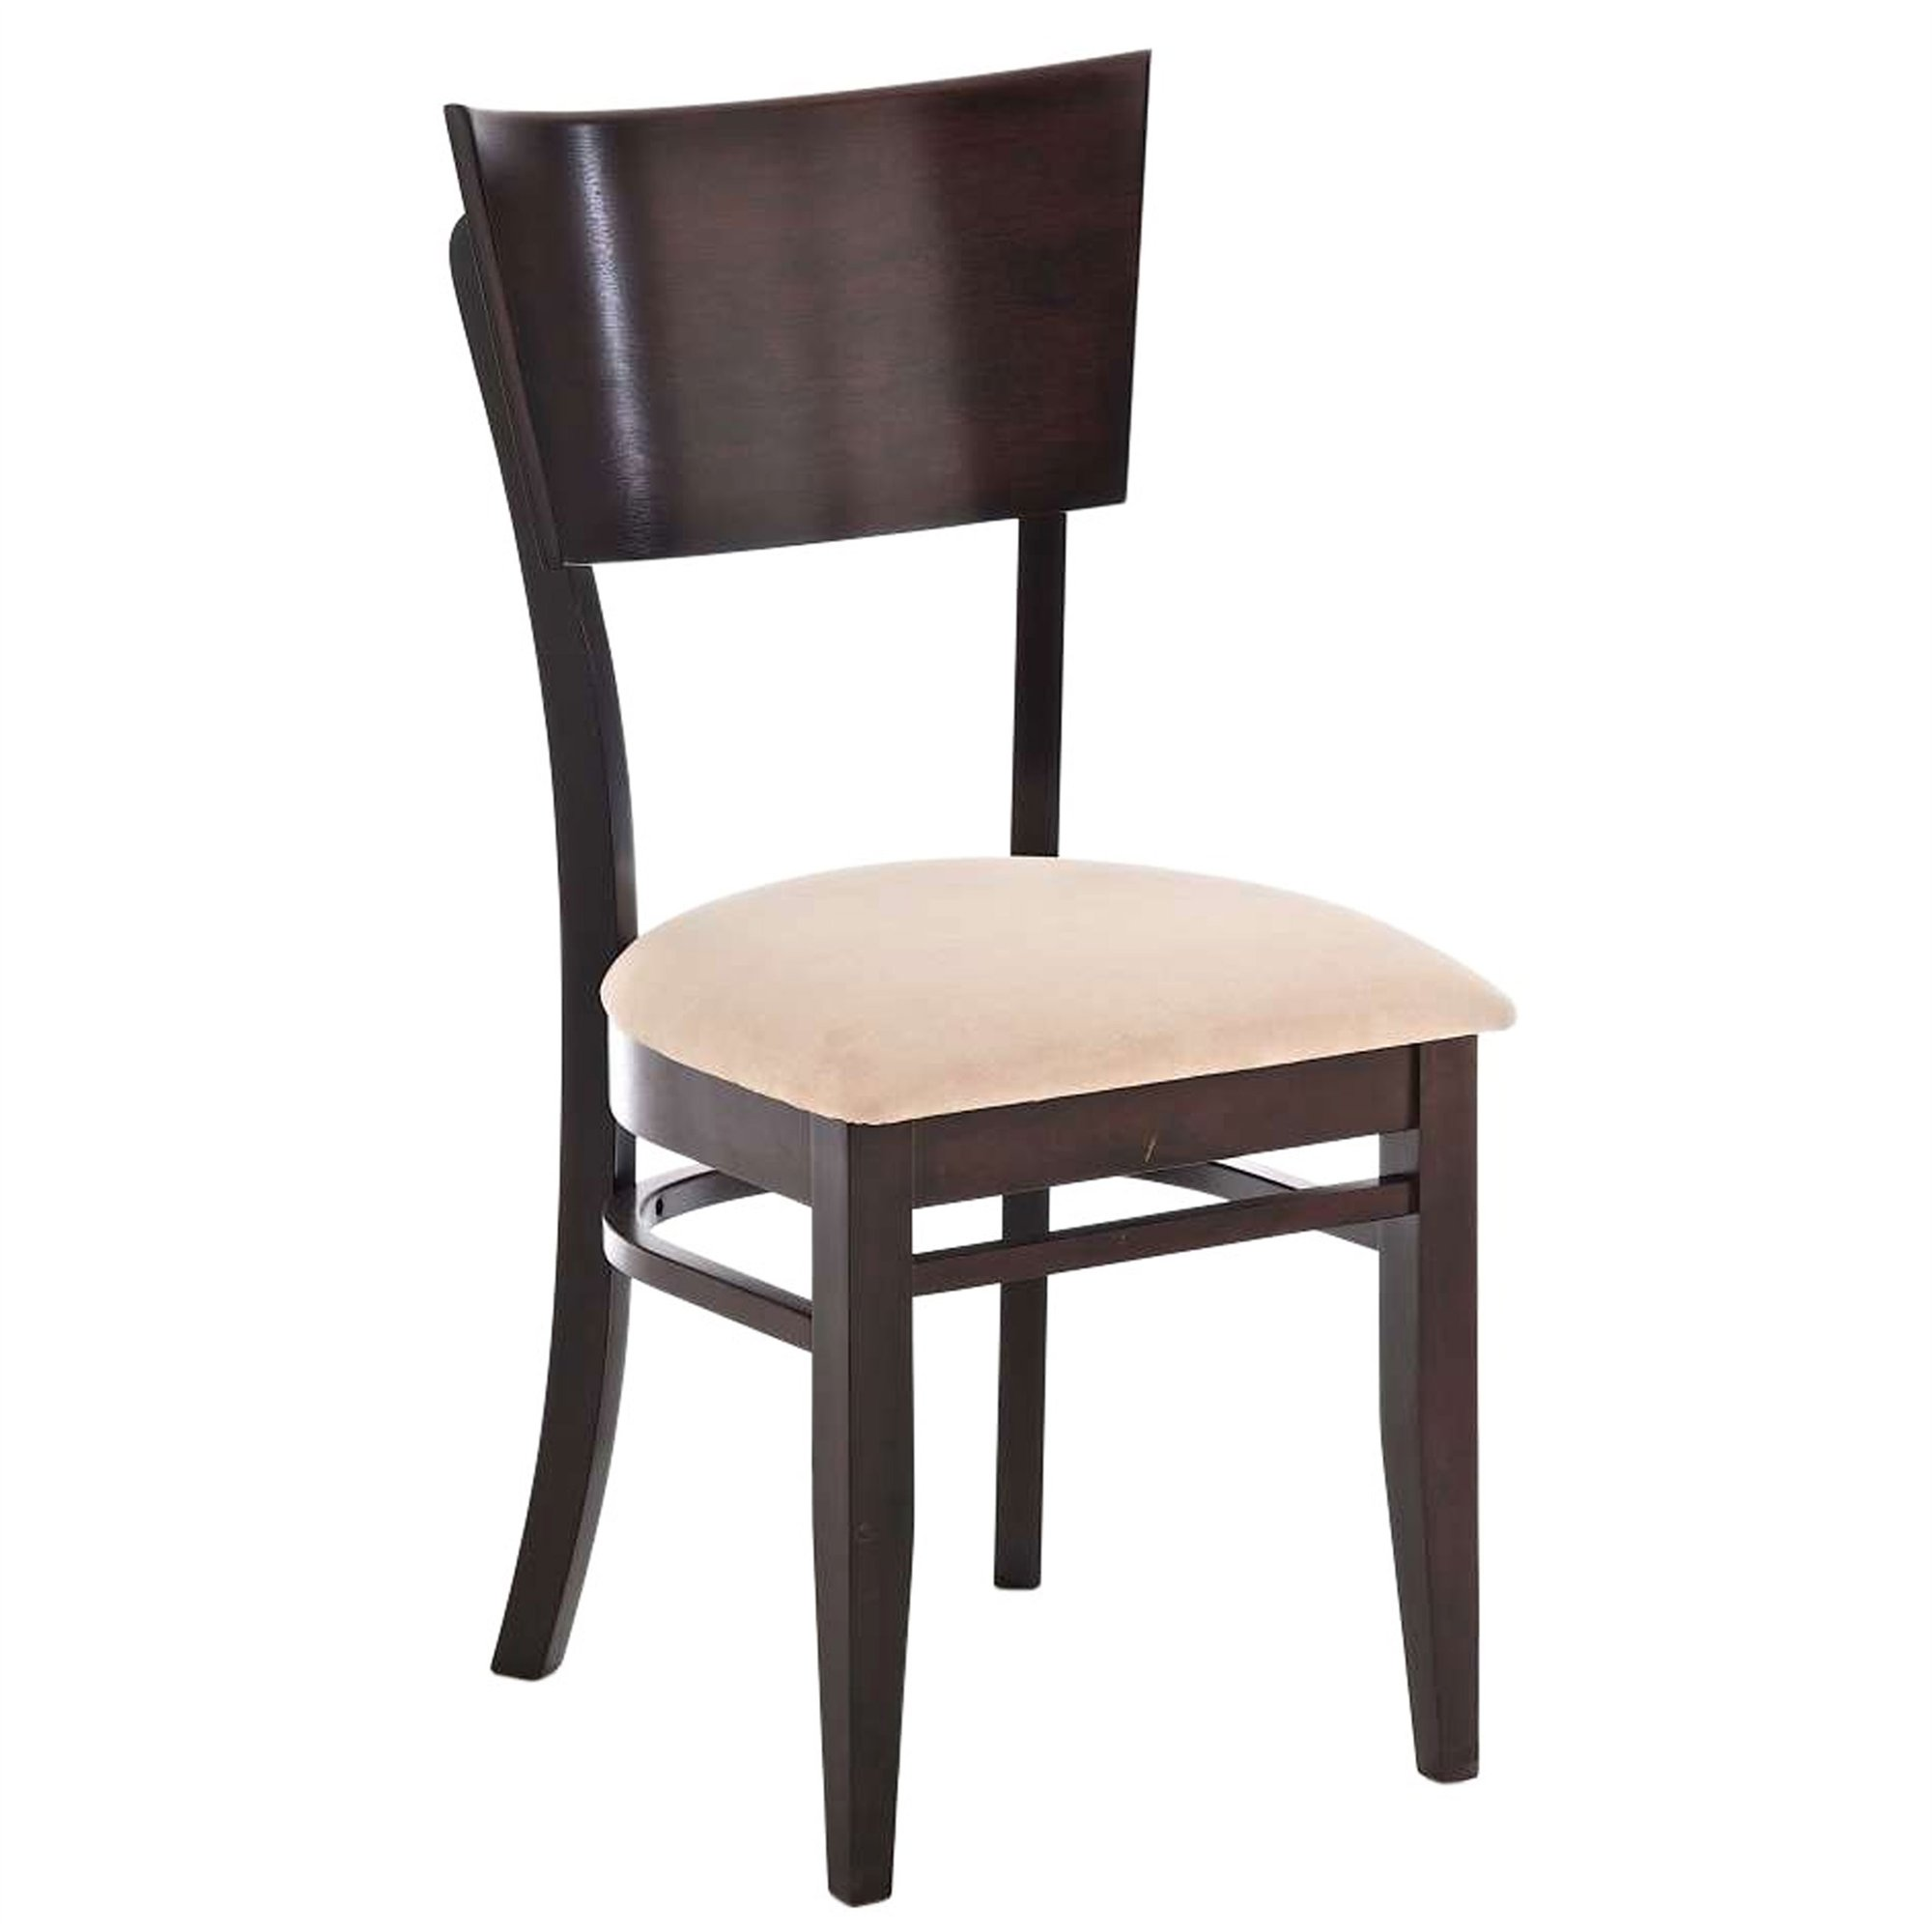 Silla de comedor en madera c33 color cappuccino arena for Comedor sillas colores